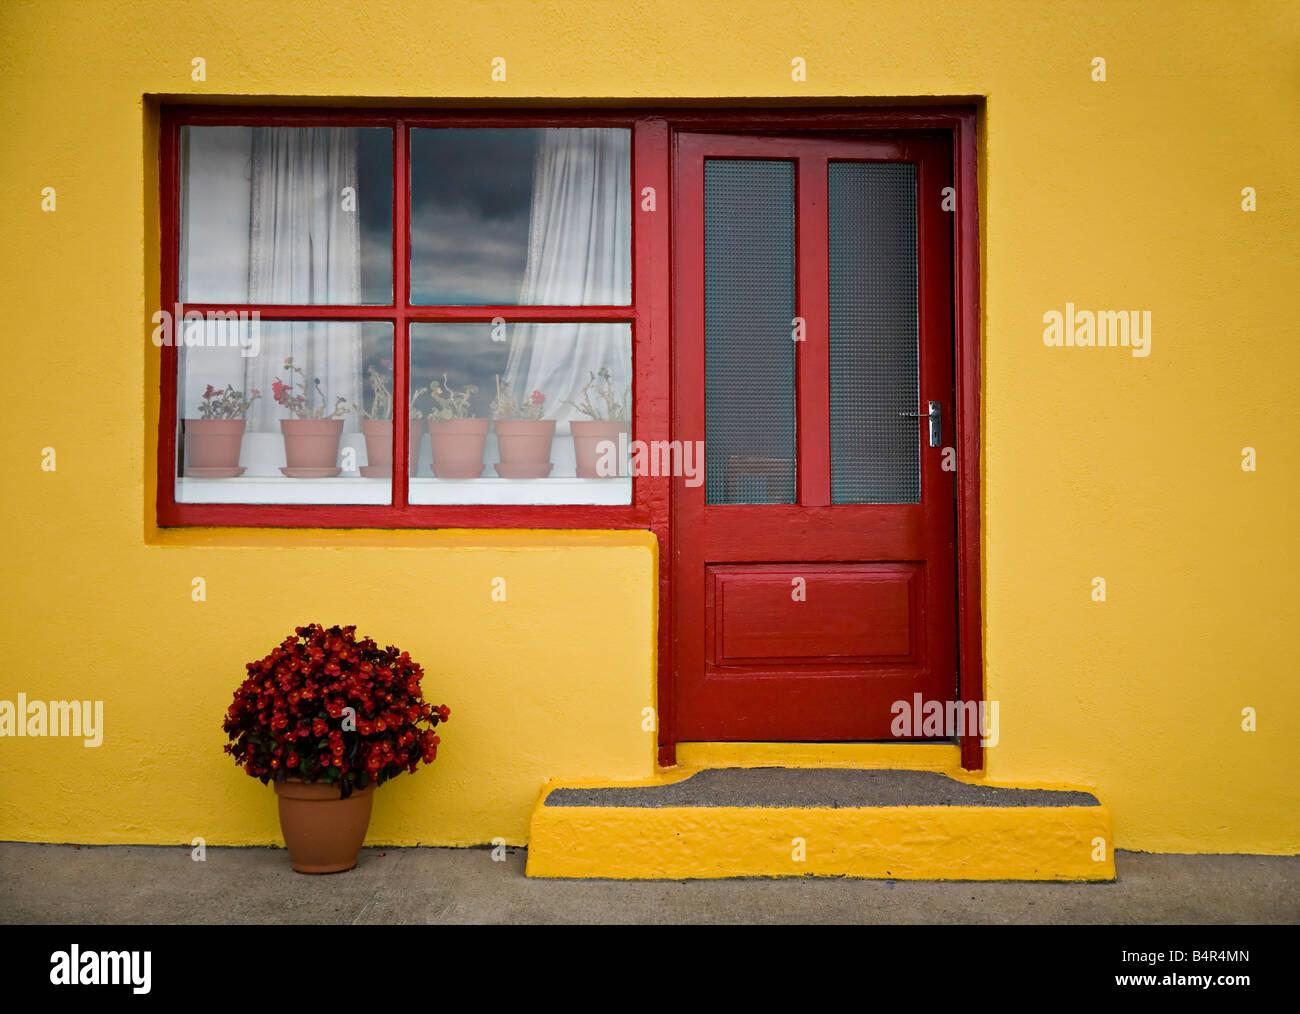 Butlerstown Pub West Cork Ireland - Stock Image